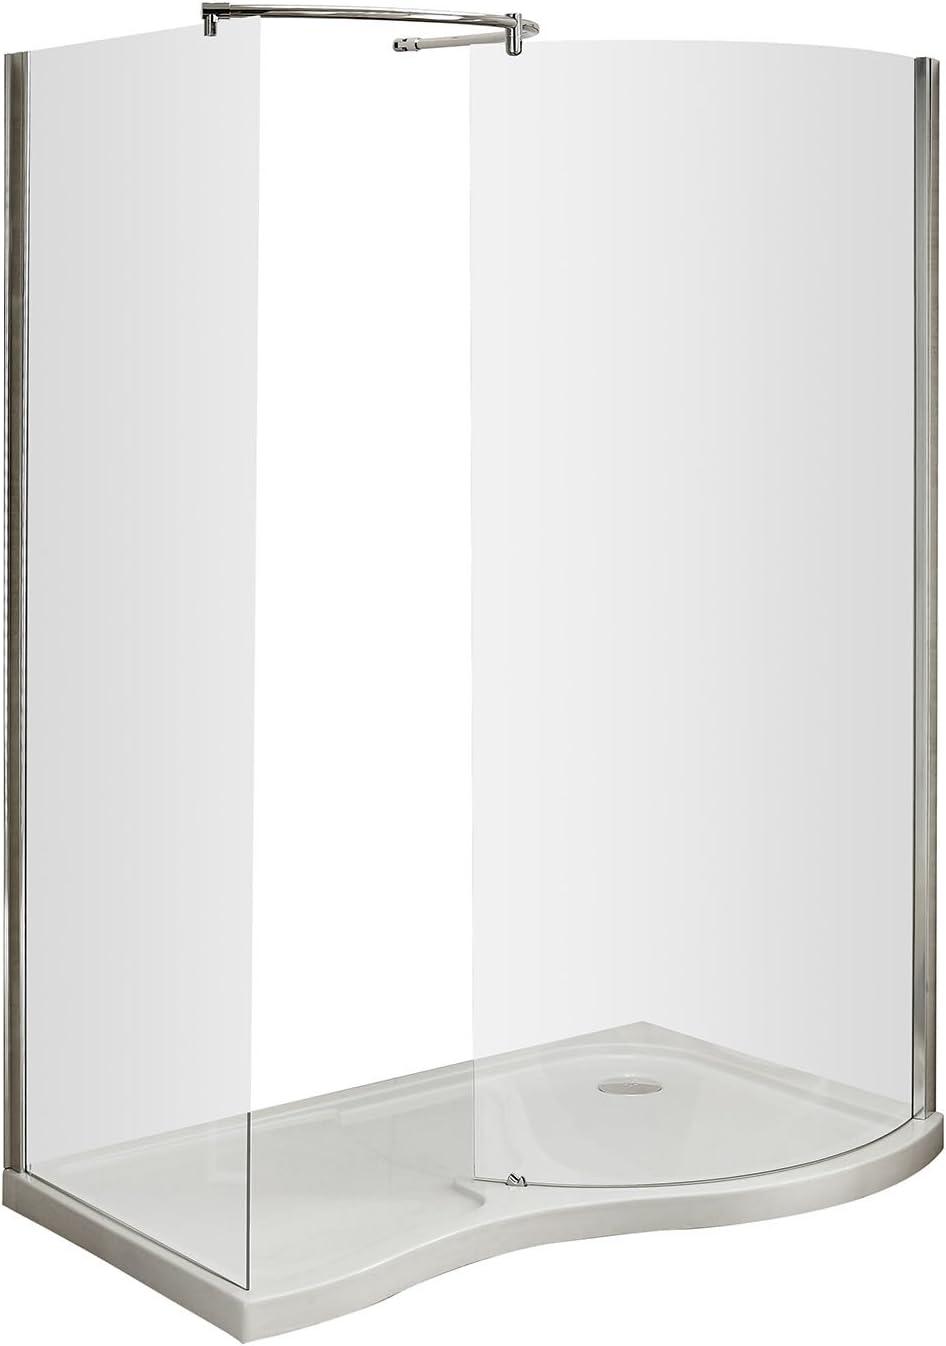 Premier AQW Mampara de ducha, transparente: Amazon.es: Bricolaje y herramientas